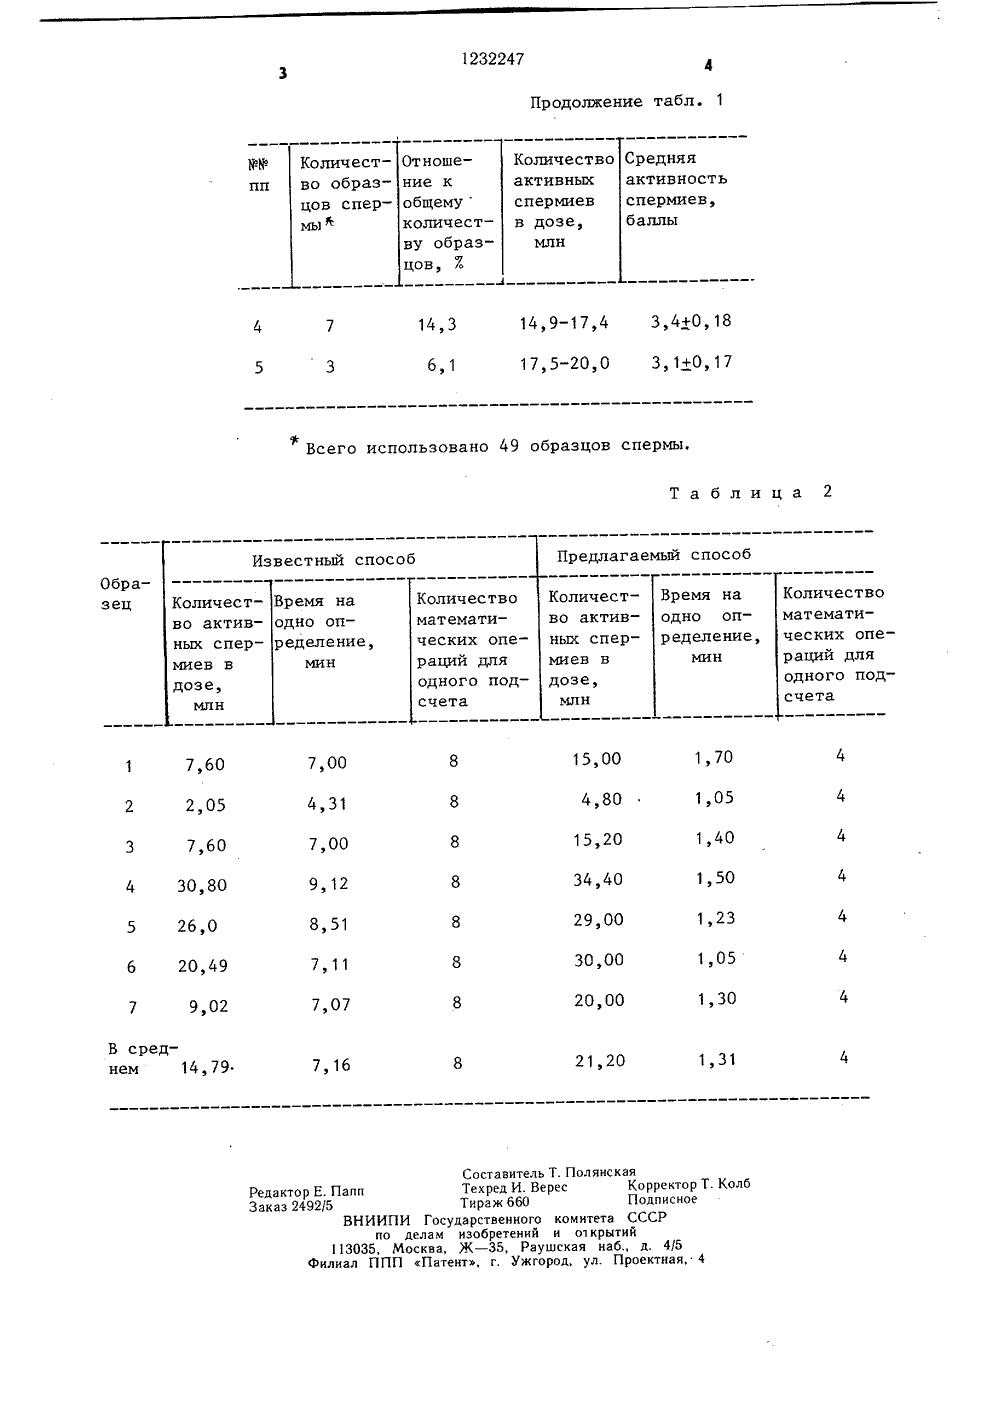 Количество спермотазоидов в 1 миллионе